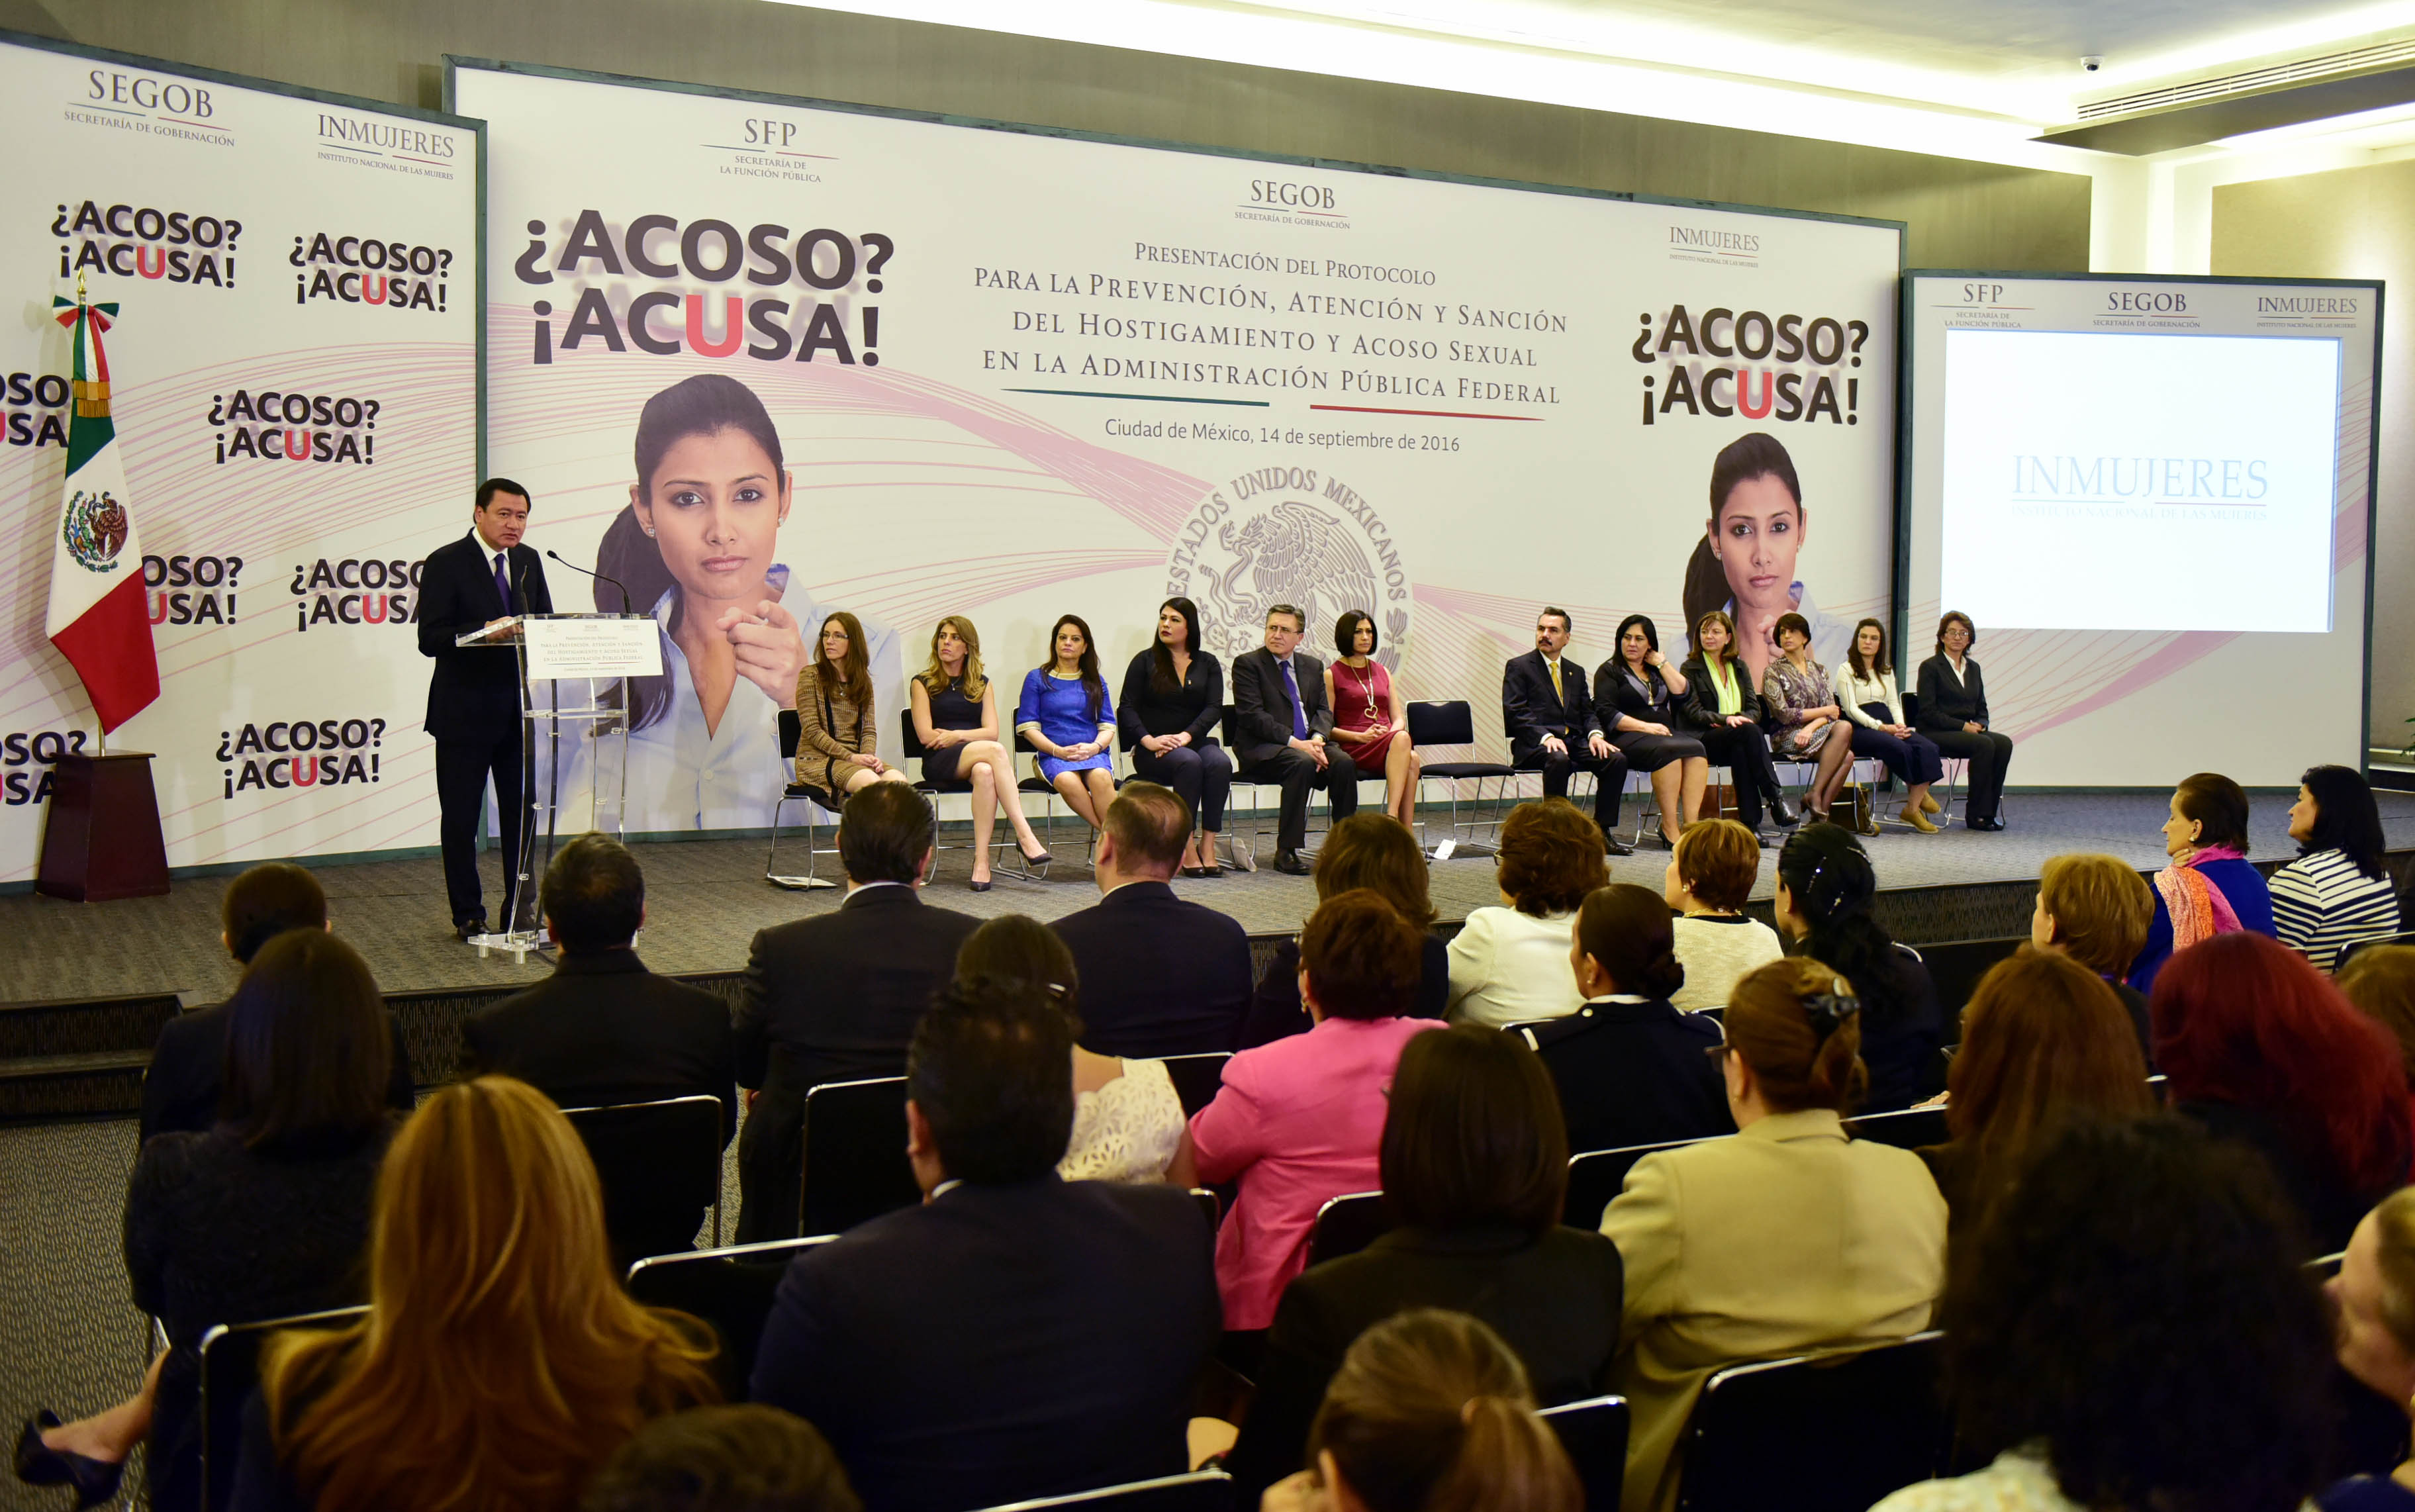 El Secretario de Gobernación, Miguel Ángel Osorio Chong, durante la presentación del Protocolo para la Prevención, Atención y Sanción del Hostigamiento y Acoso Sexual en la Administración Pública Federal